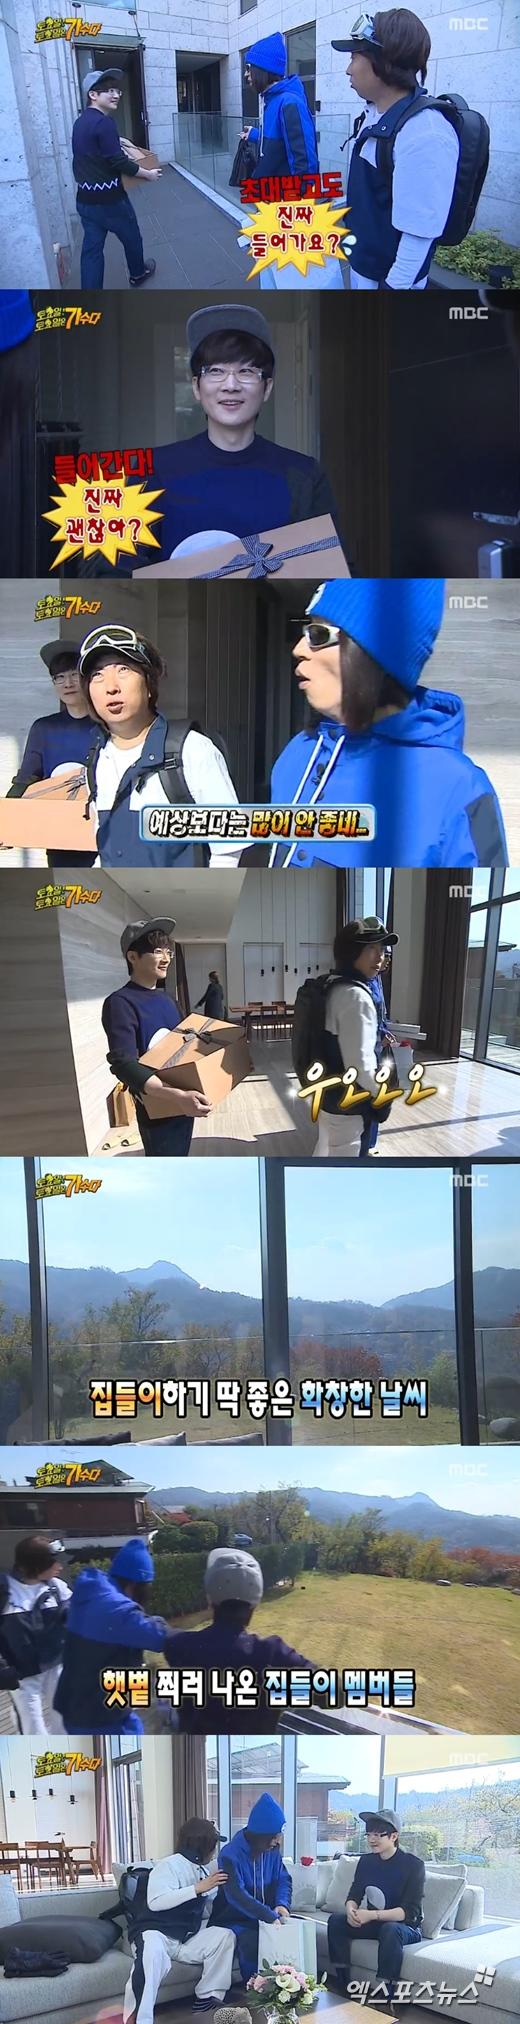 '무한도전'에서 서태지의 집이 공개됐다. ⓒ MBC 방송화면